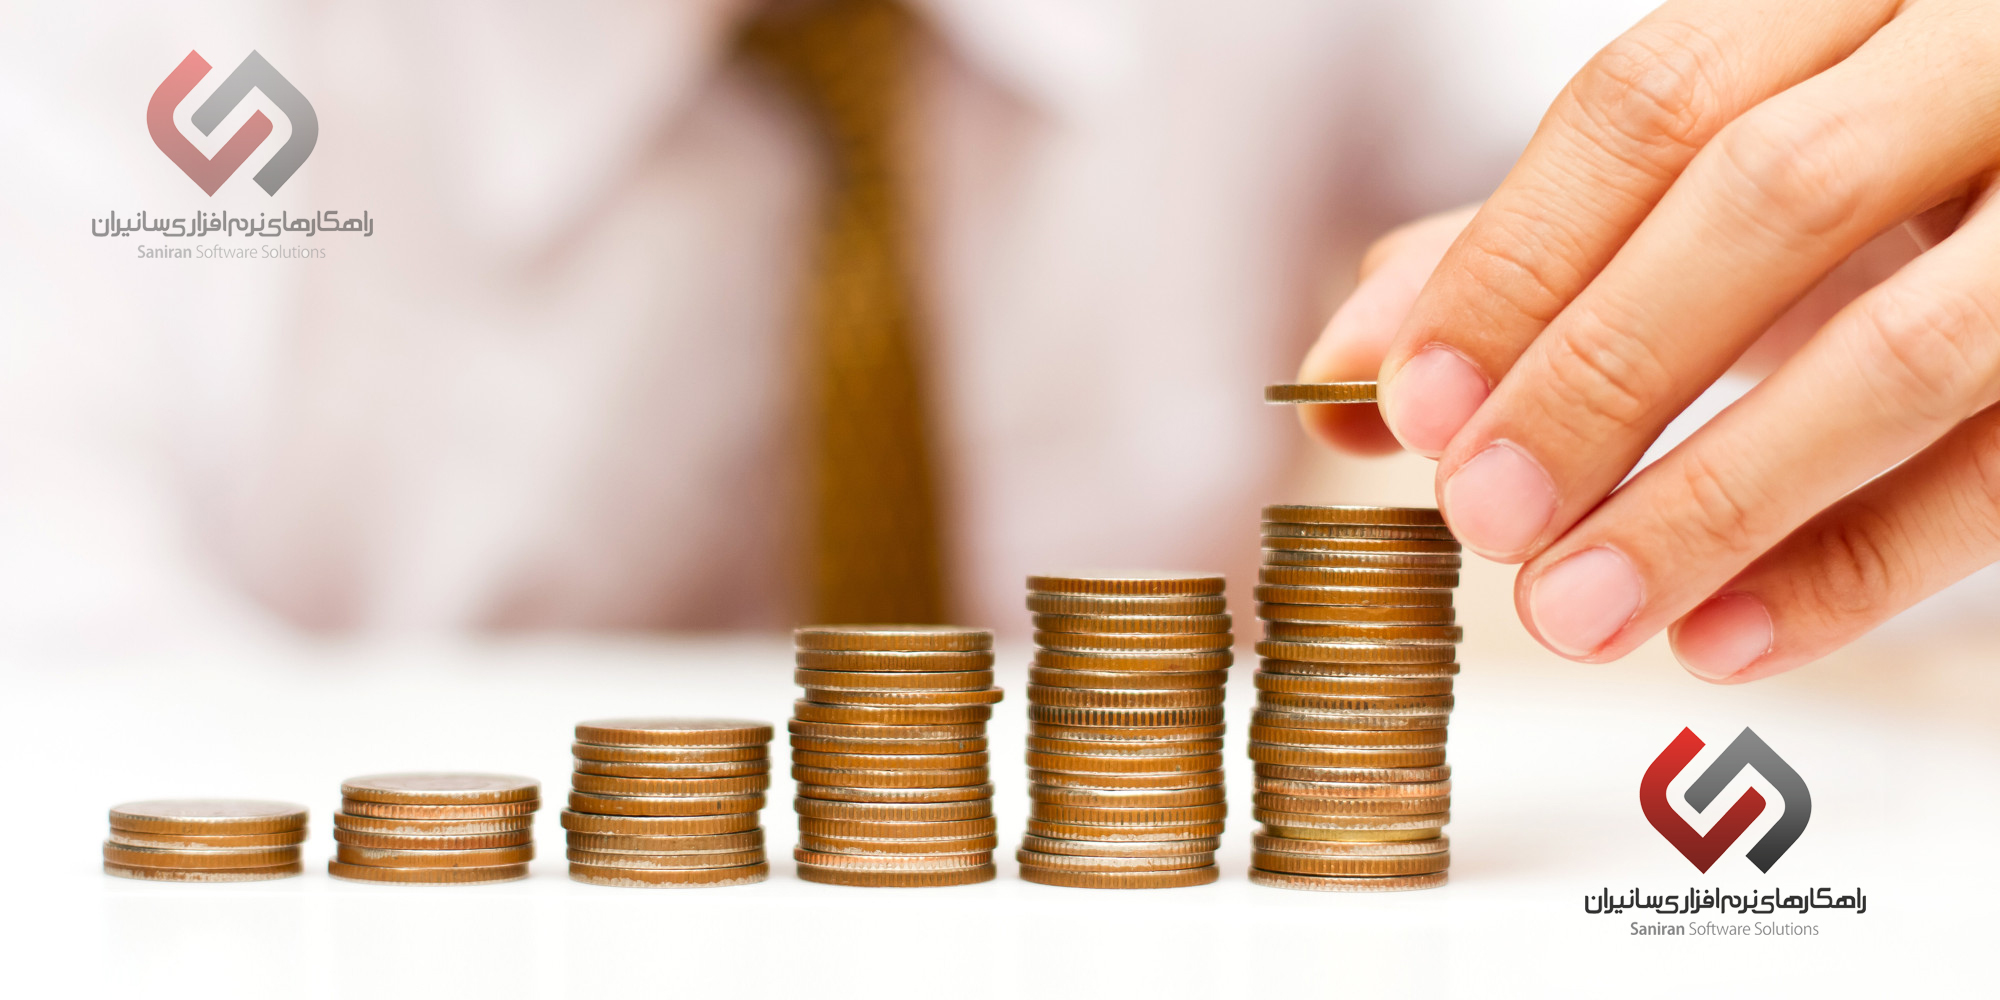 هزینه های قابل قبول مالیات